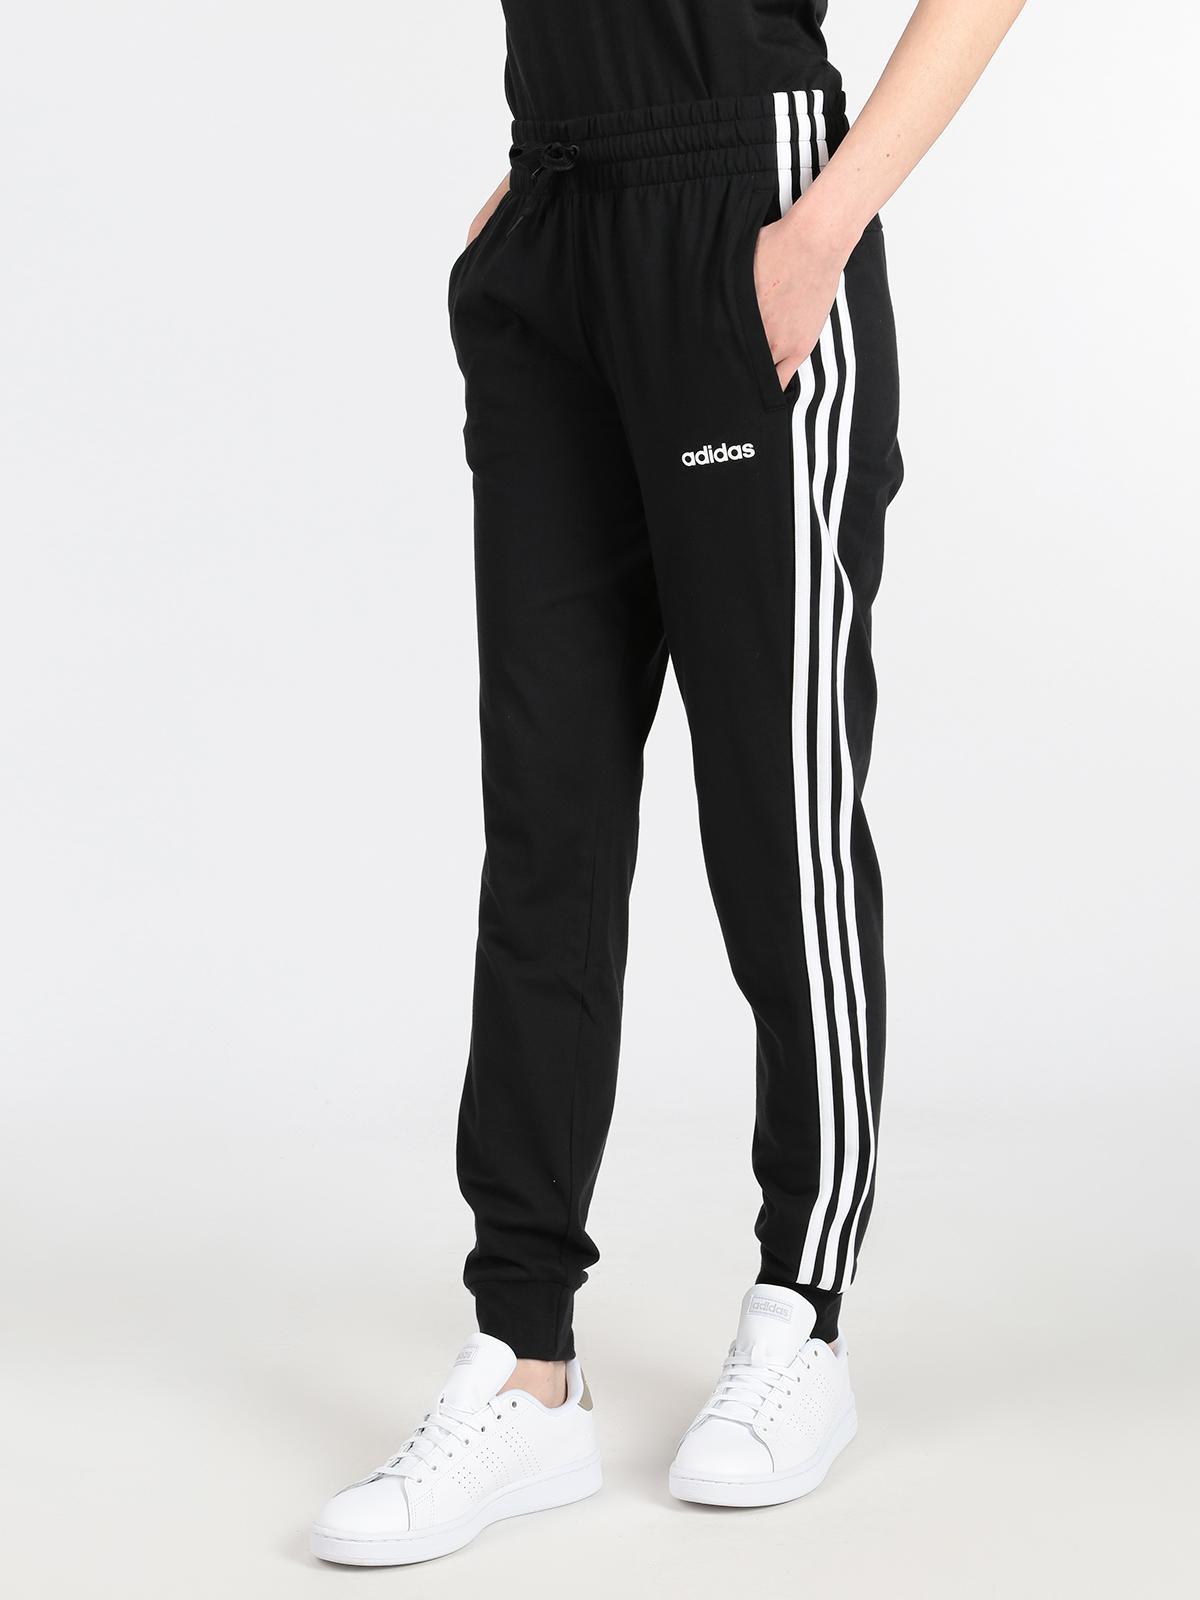 adidas pantaloni fantasia